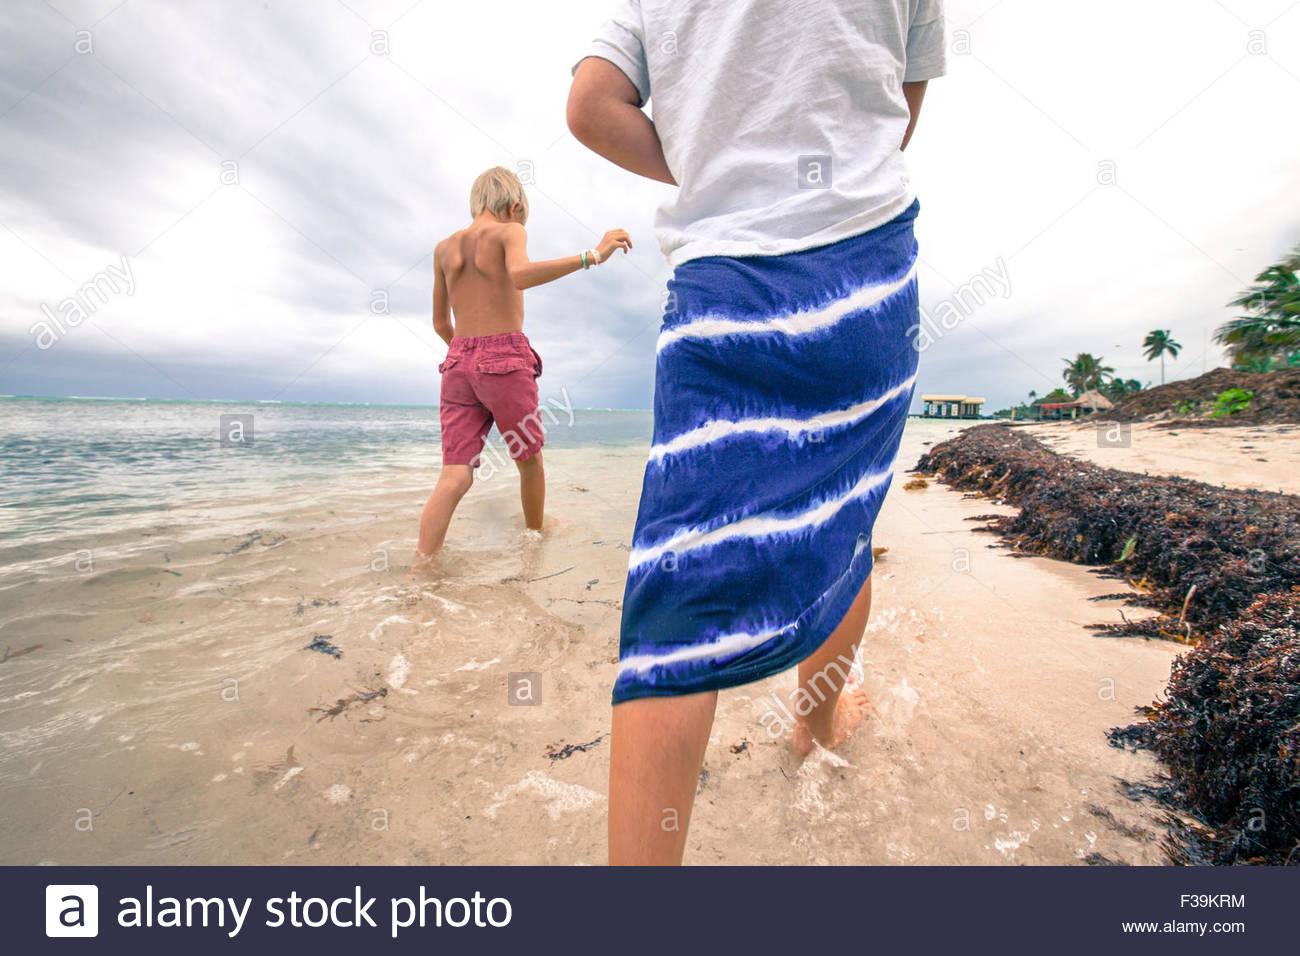 Deux enfants de marcher dans l'eau peu profonde à la plage, Belize Photo Stock